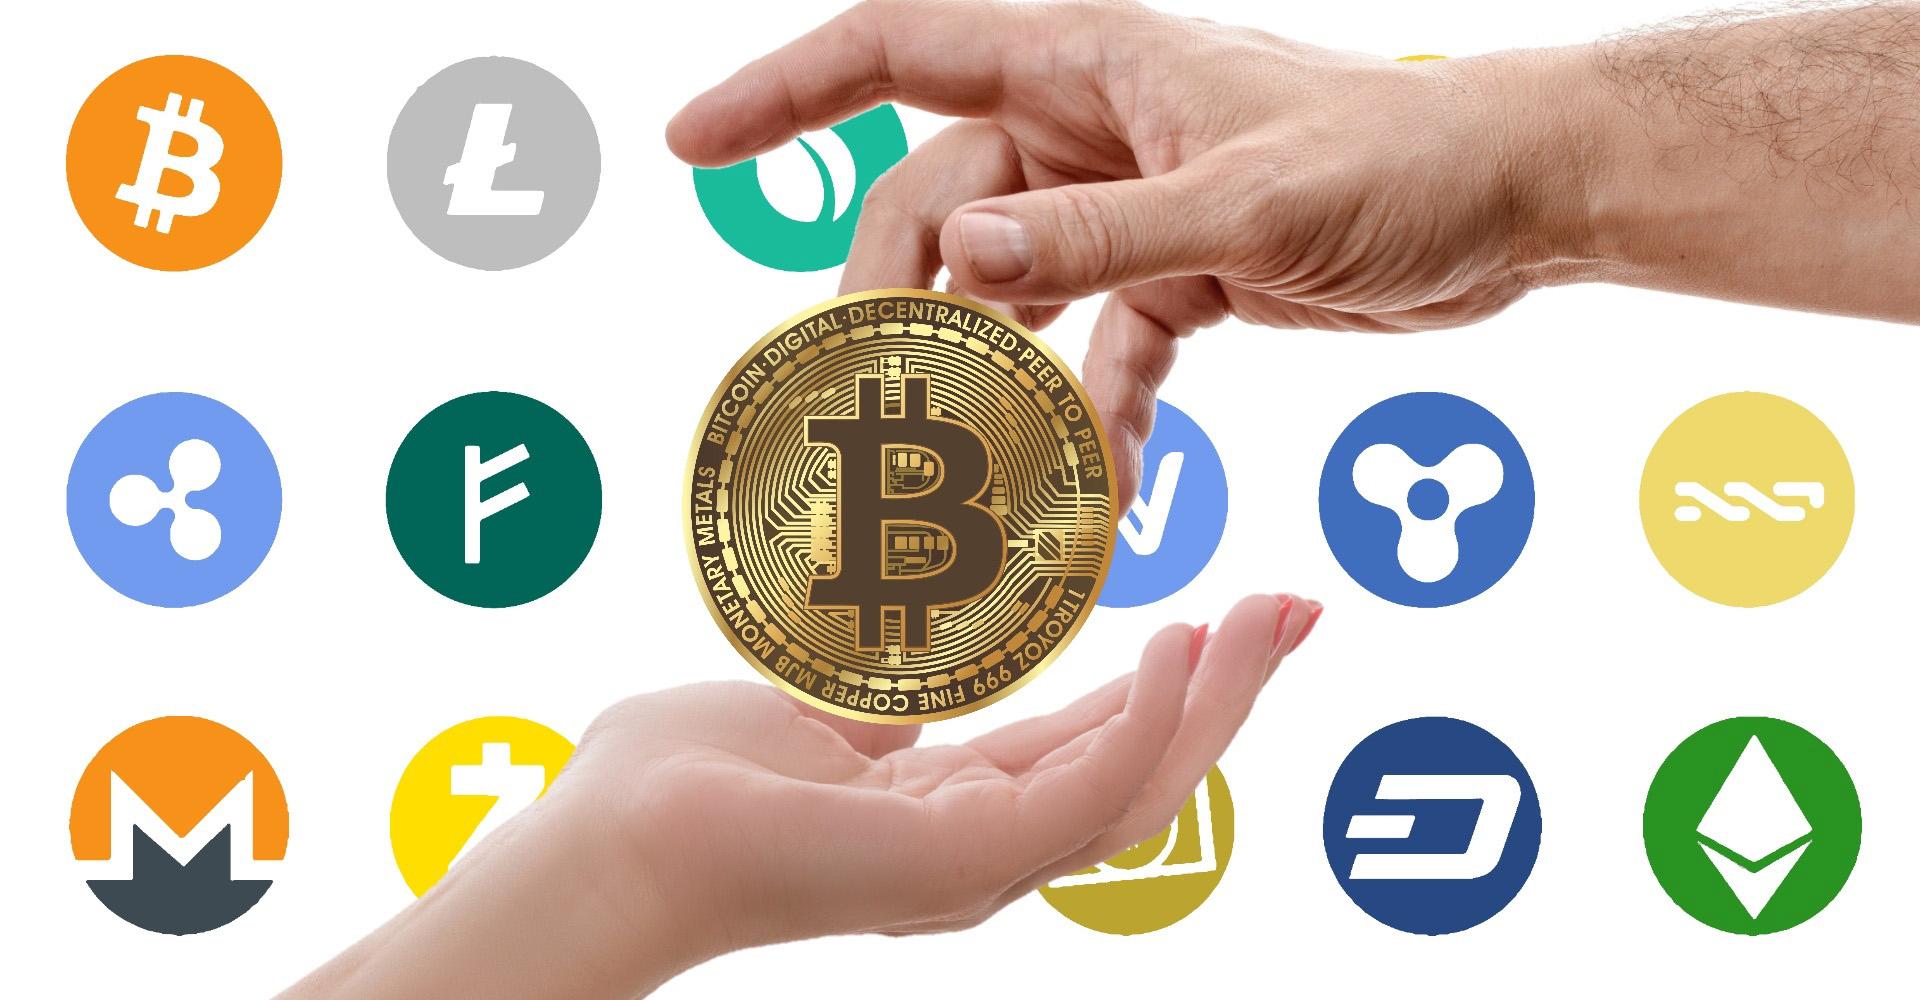 ที่ดีที่สุดเว็บไซต์การพนันที่โบนัส cryptocurrency เสนอ